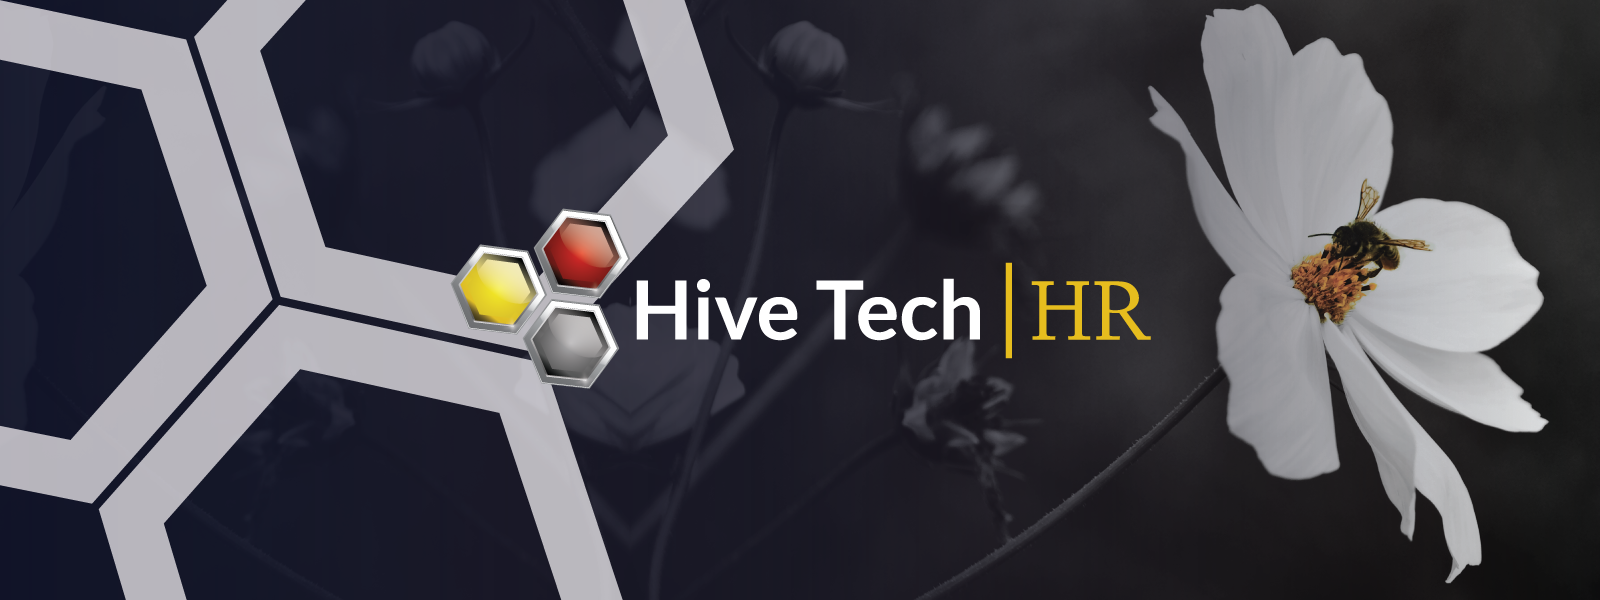 hive tech final logo